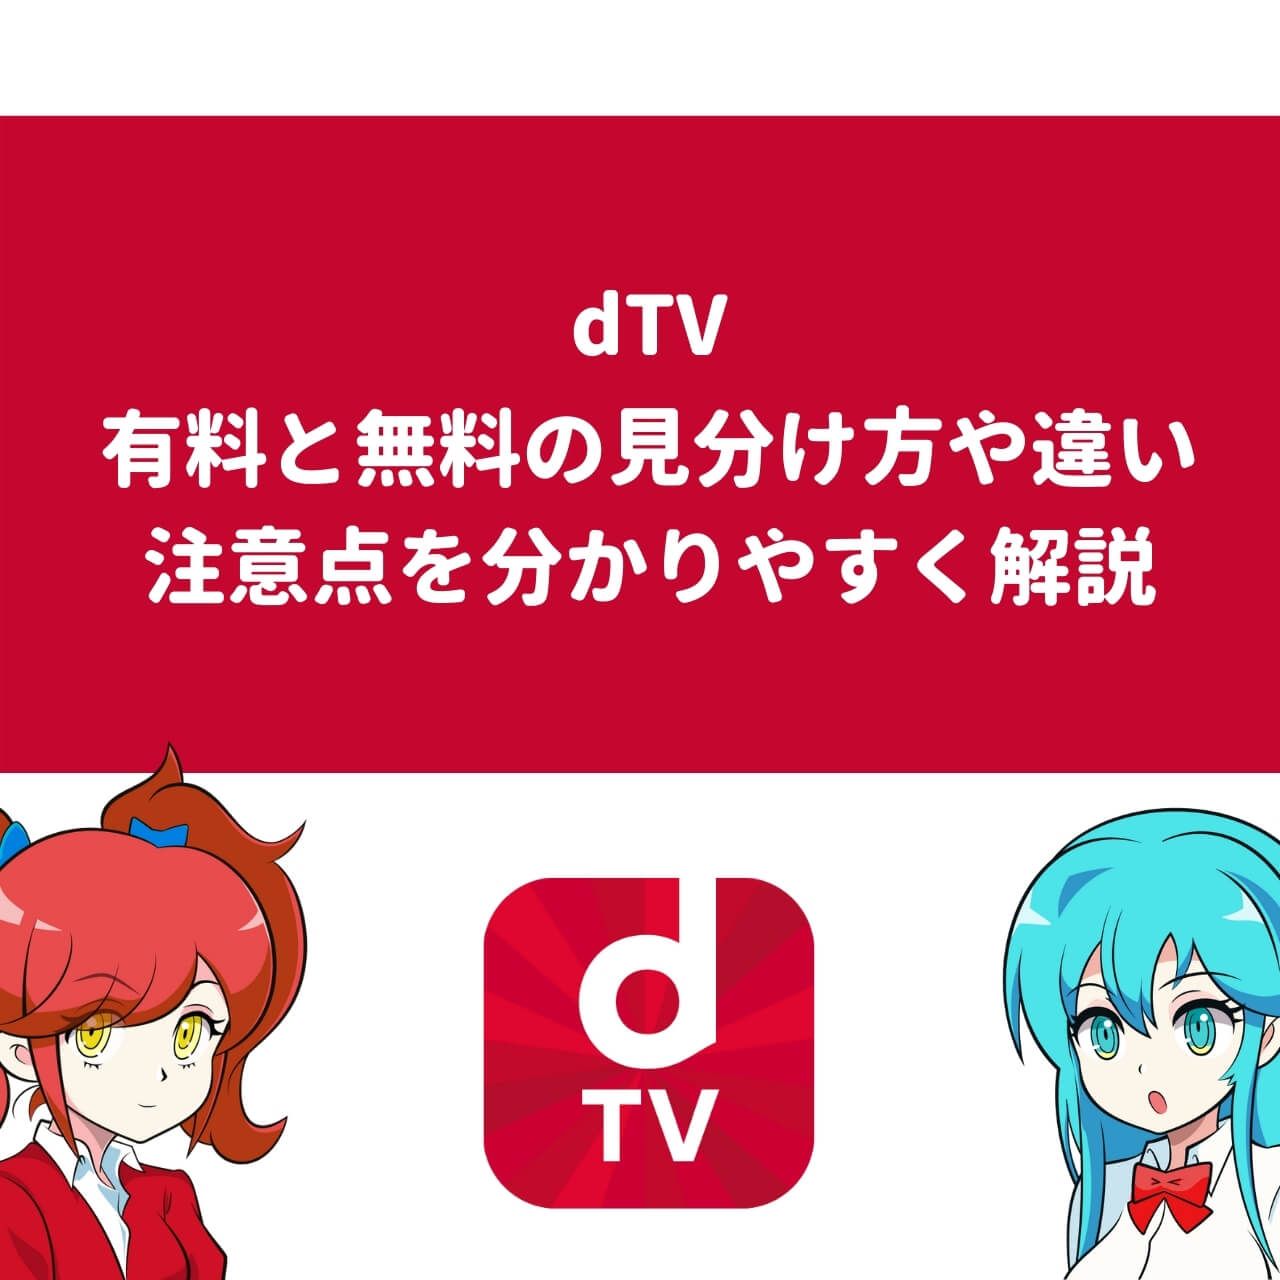 dTV有料と無料の見分け方や違い・注意点を分かりやすく解説